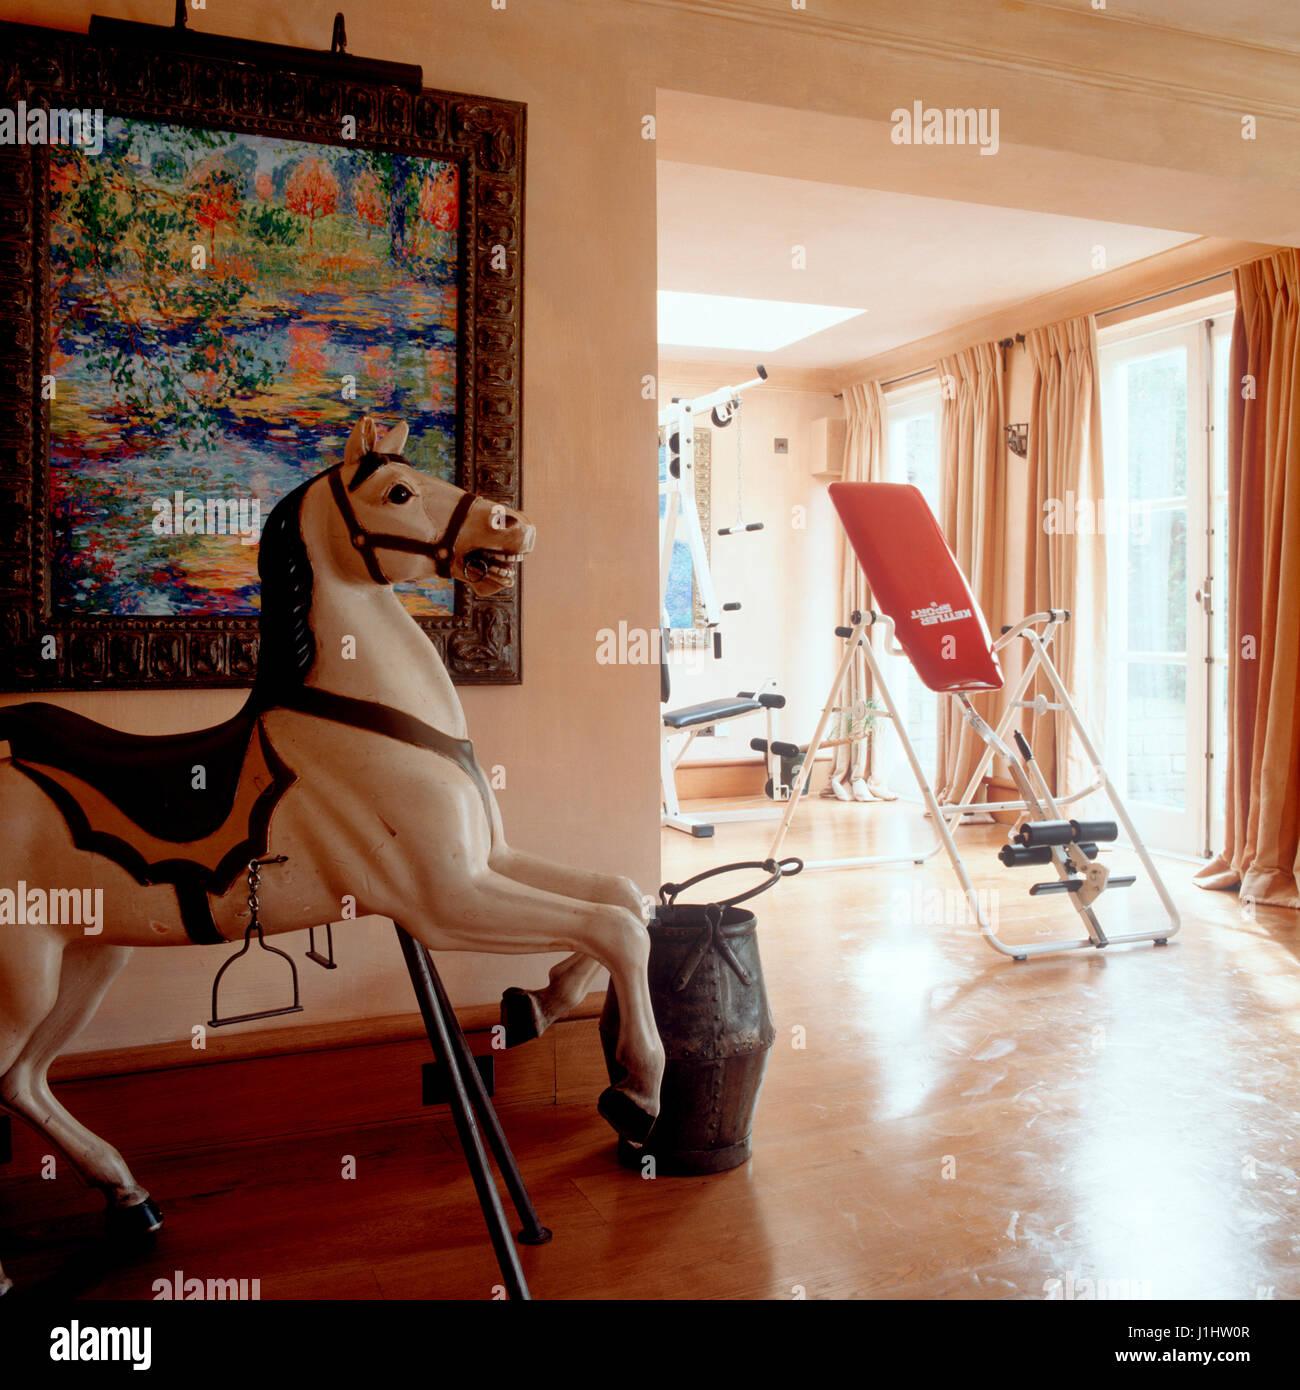 Rocking Horse y equipo de ejercicio. Imagen De Stock